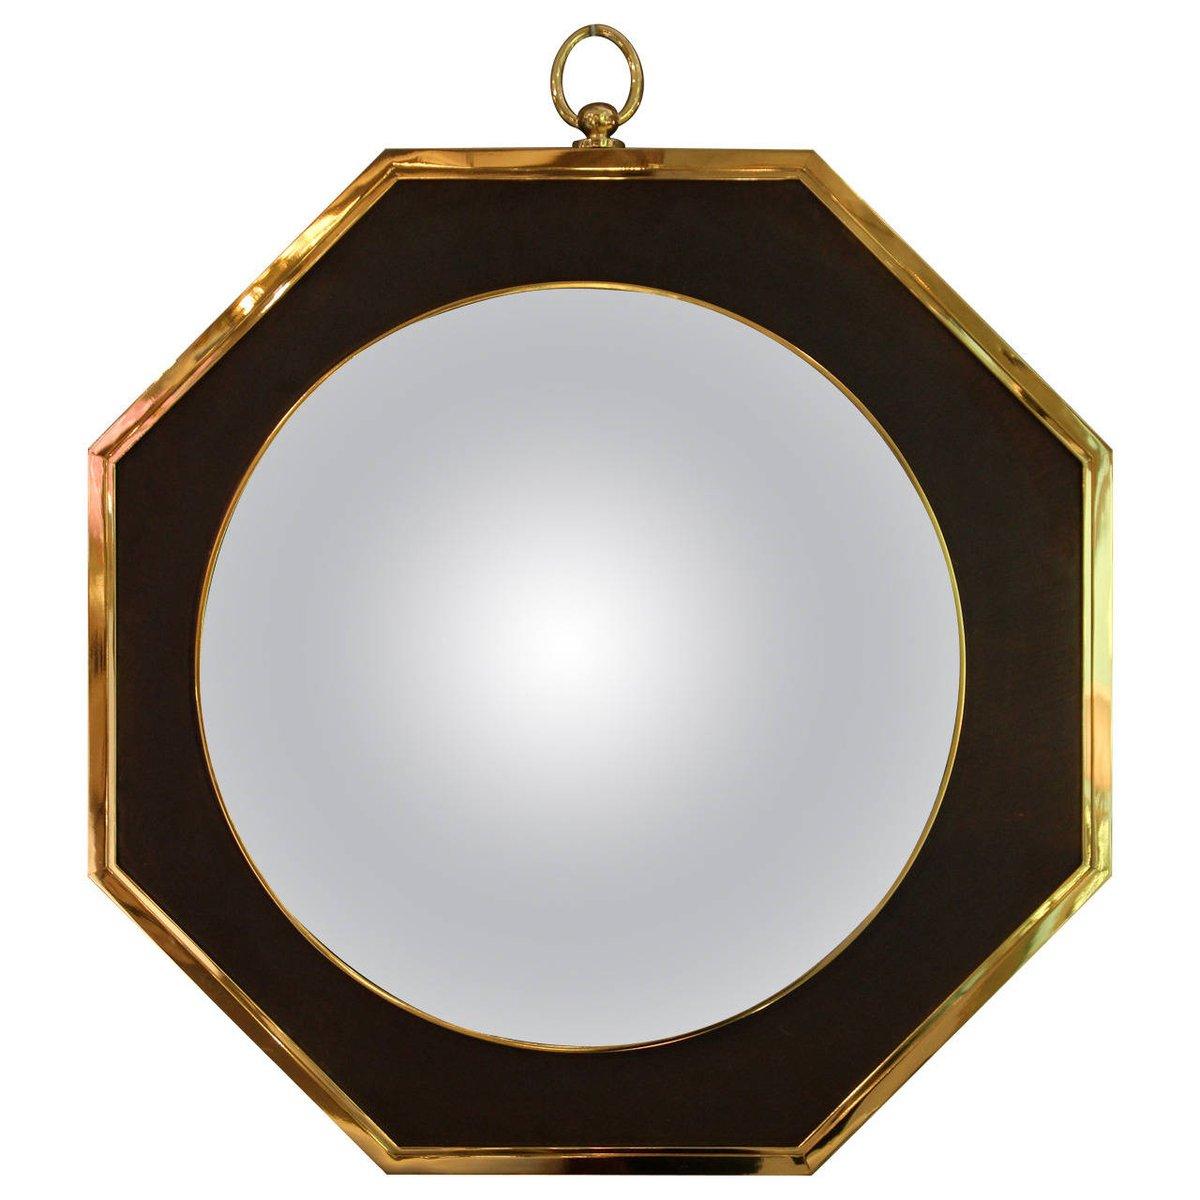 Specchio da parete ovale francia anni 39 70 in vendita su pamono - Specchio ovale da terra ...